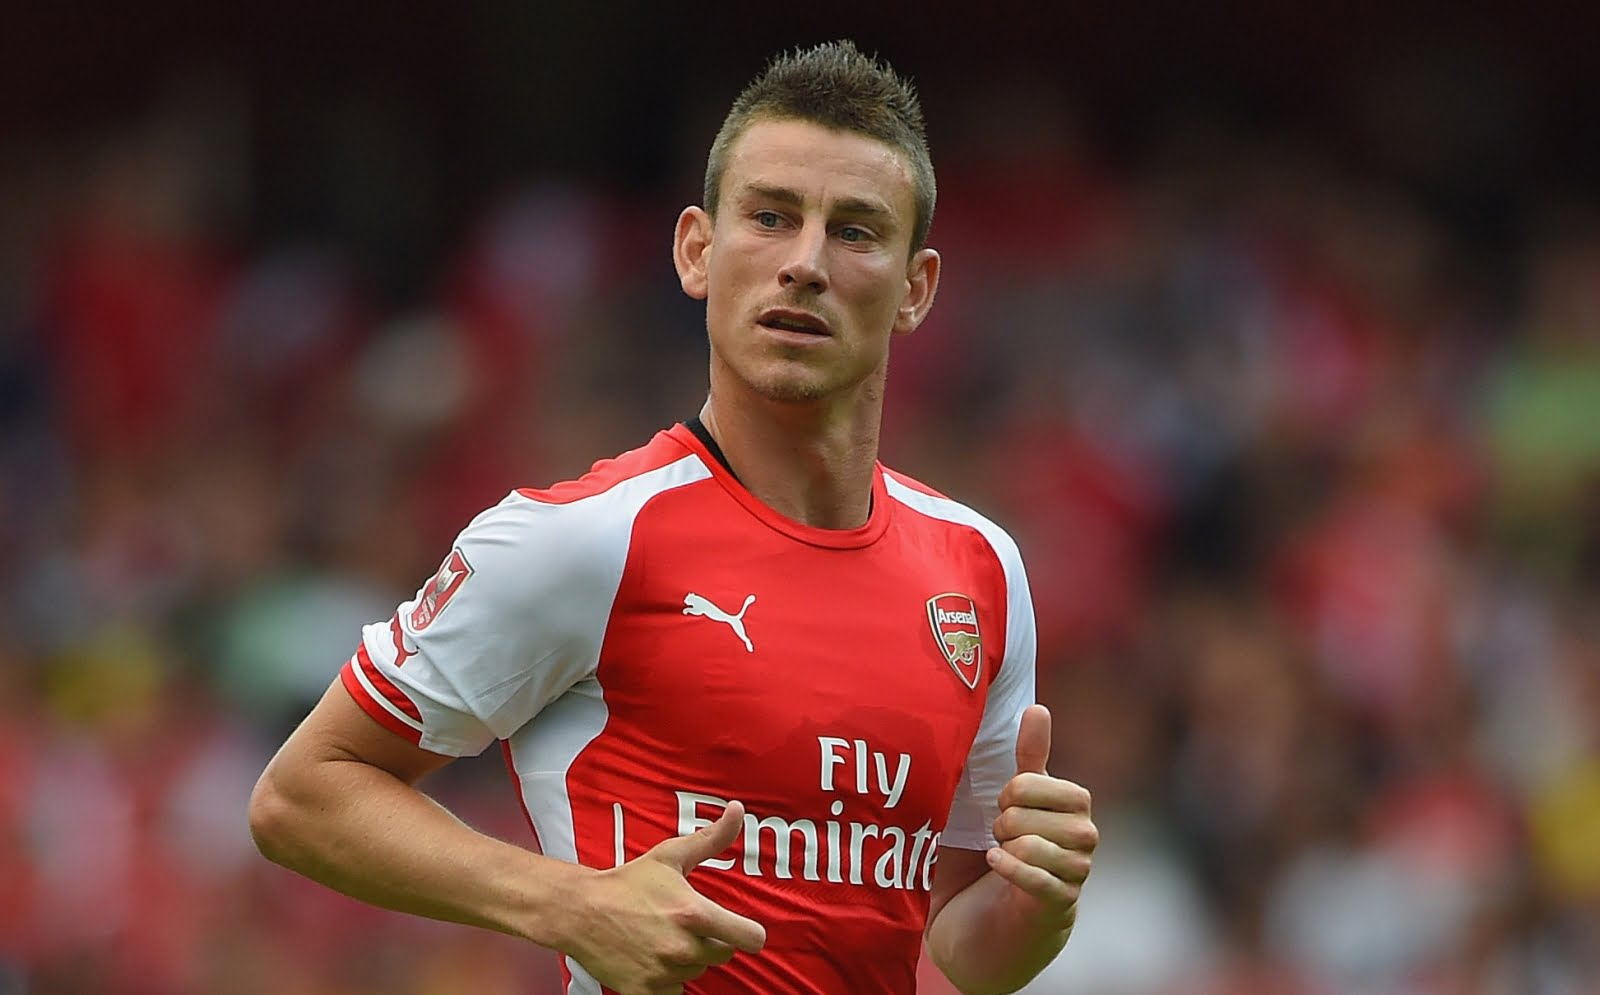 Mercato – Arsenal : Encore plus d'argent grâce à Emirates